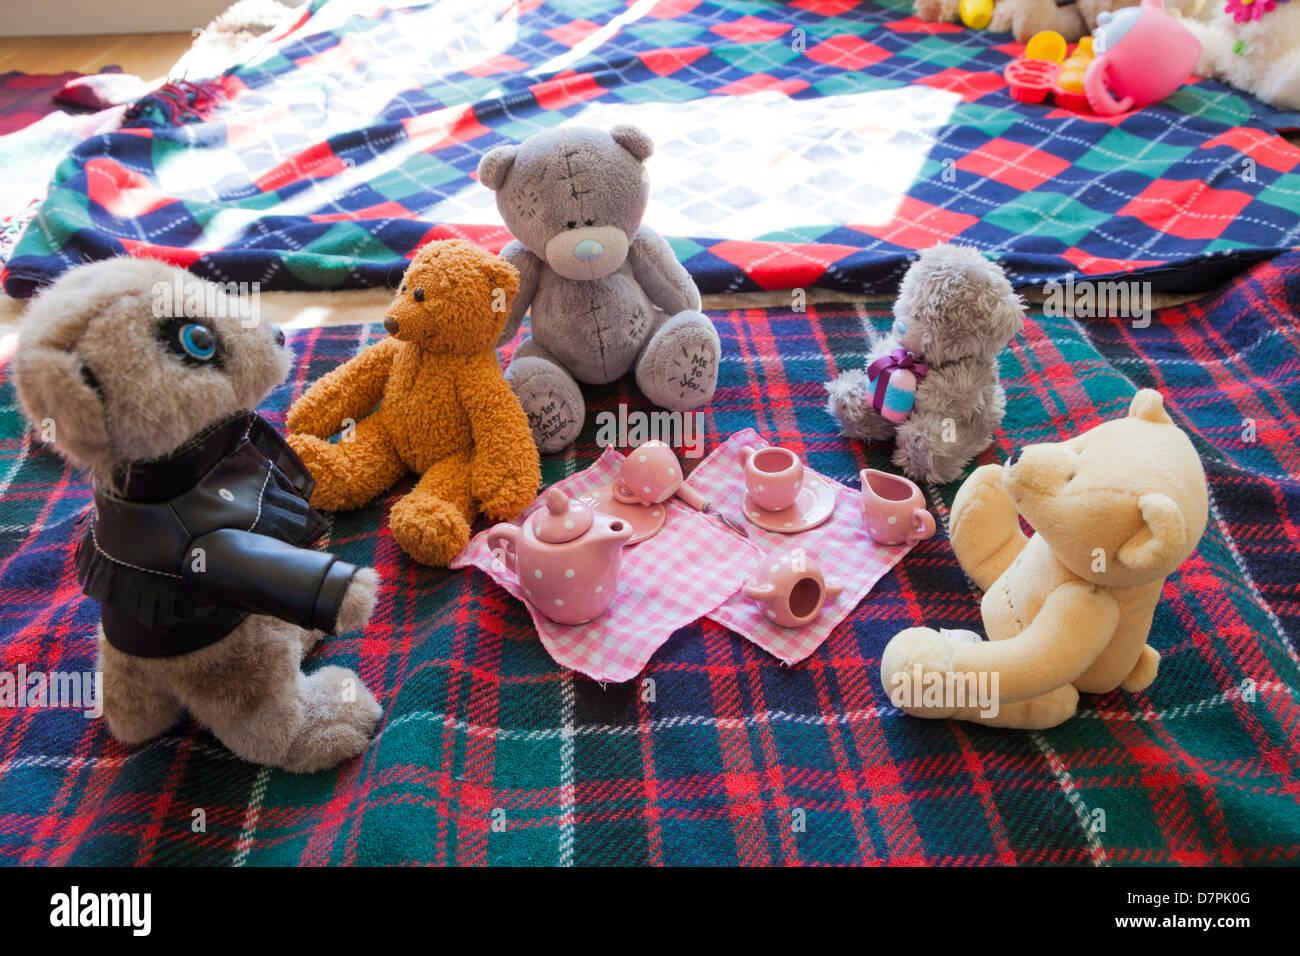 Giocattolo morbido impostato per un bambini orsetti picnic su una coperta. Immagini Stock